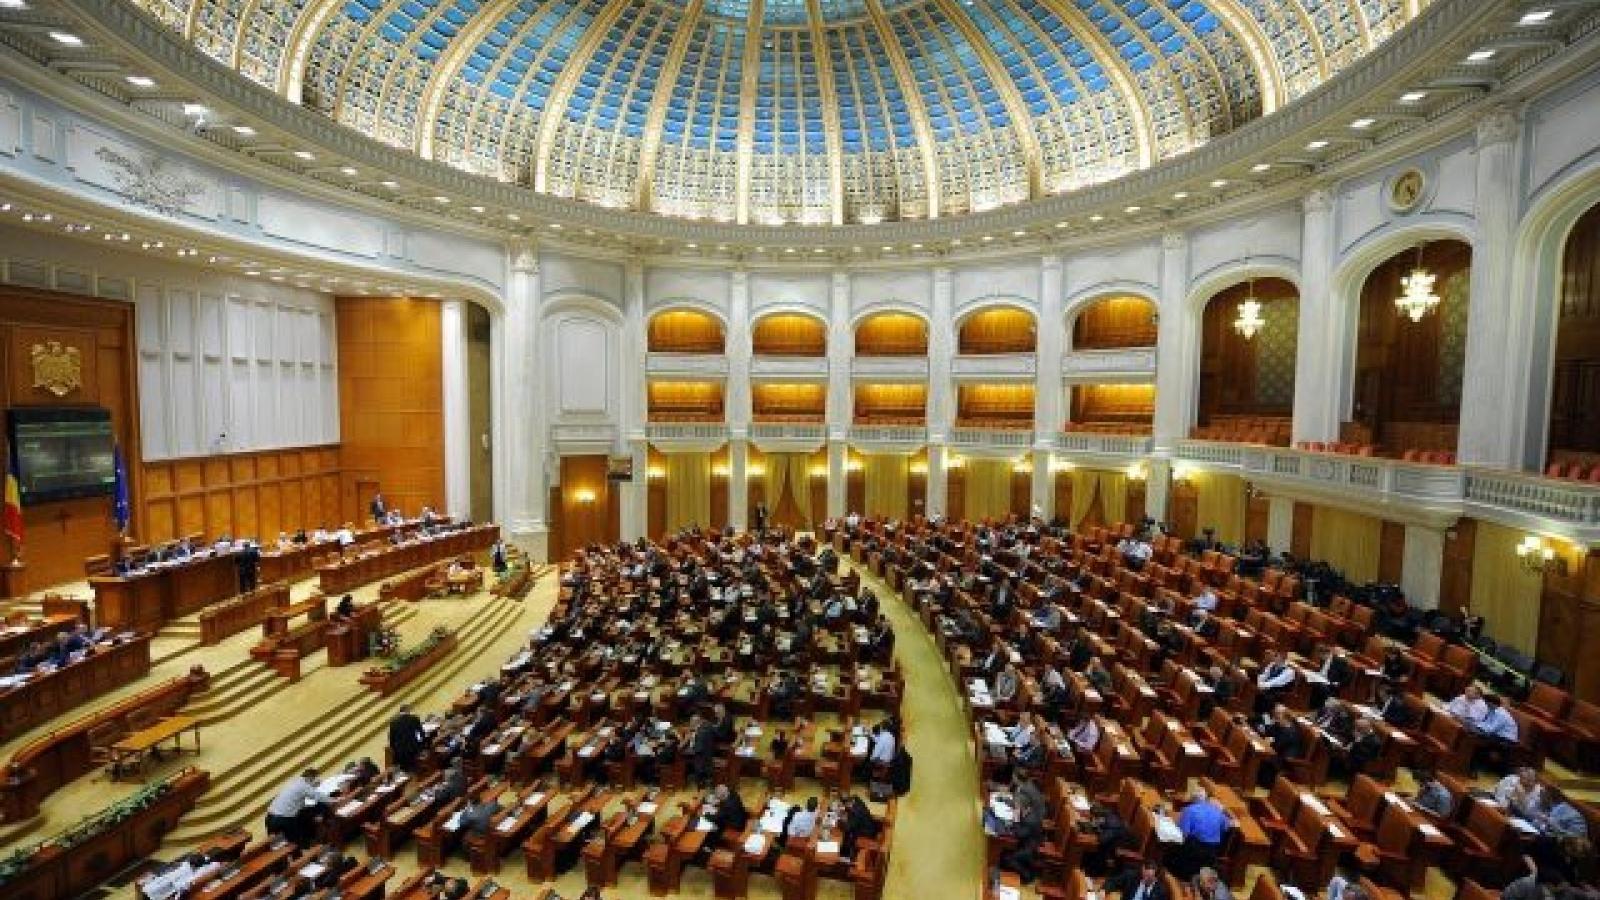 Romania và Hungary chưa có kế hoạch nới lỏng các biện pháp phong tỏa